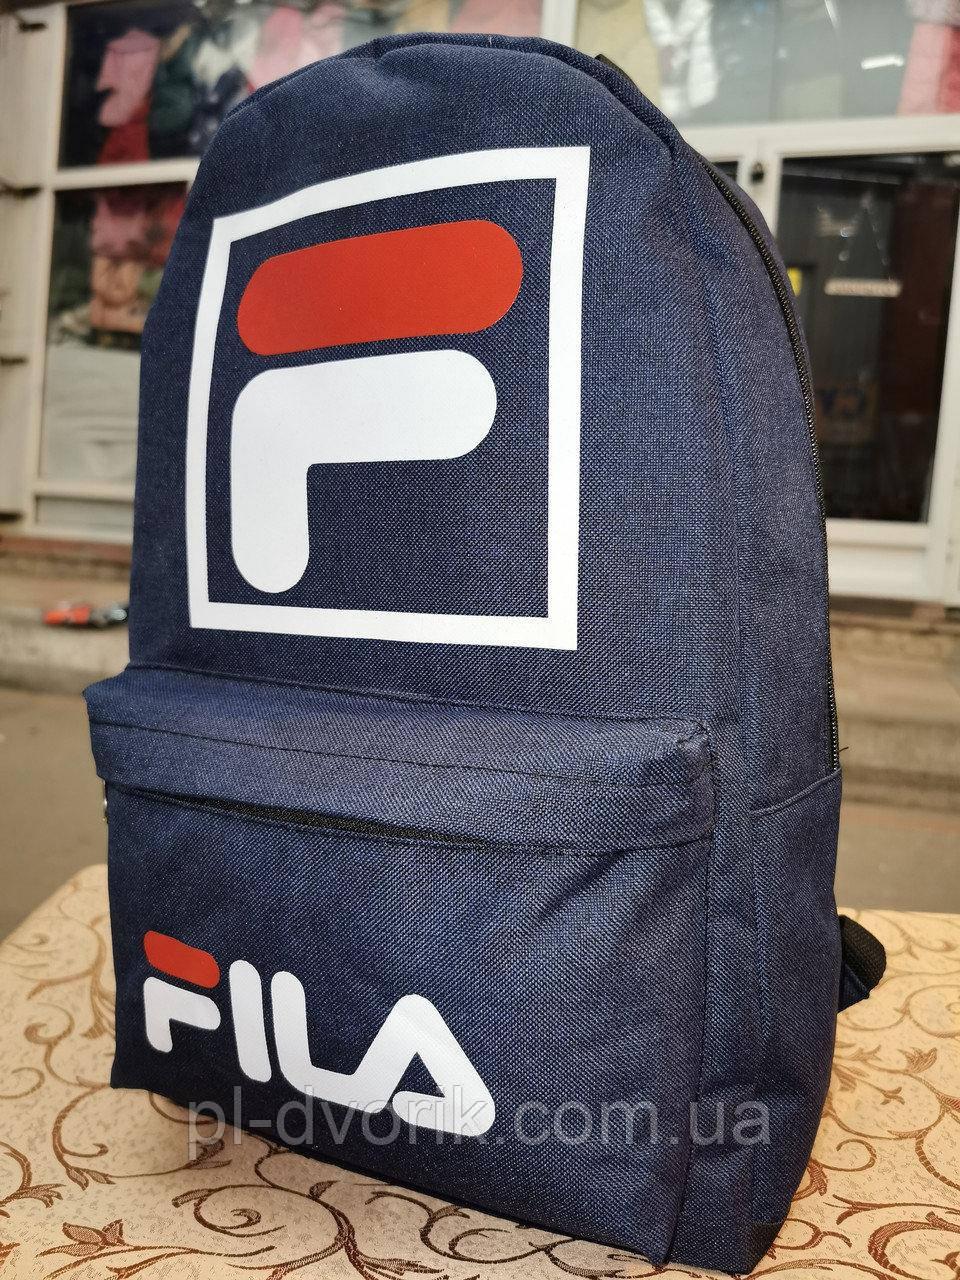 Рюкзак fila мессенджер спорт спортивный городской стильный   Bzg-169-42 Темно-синий  Производитель: Украина  М